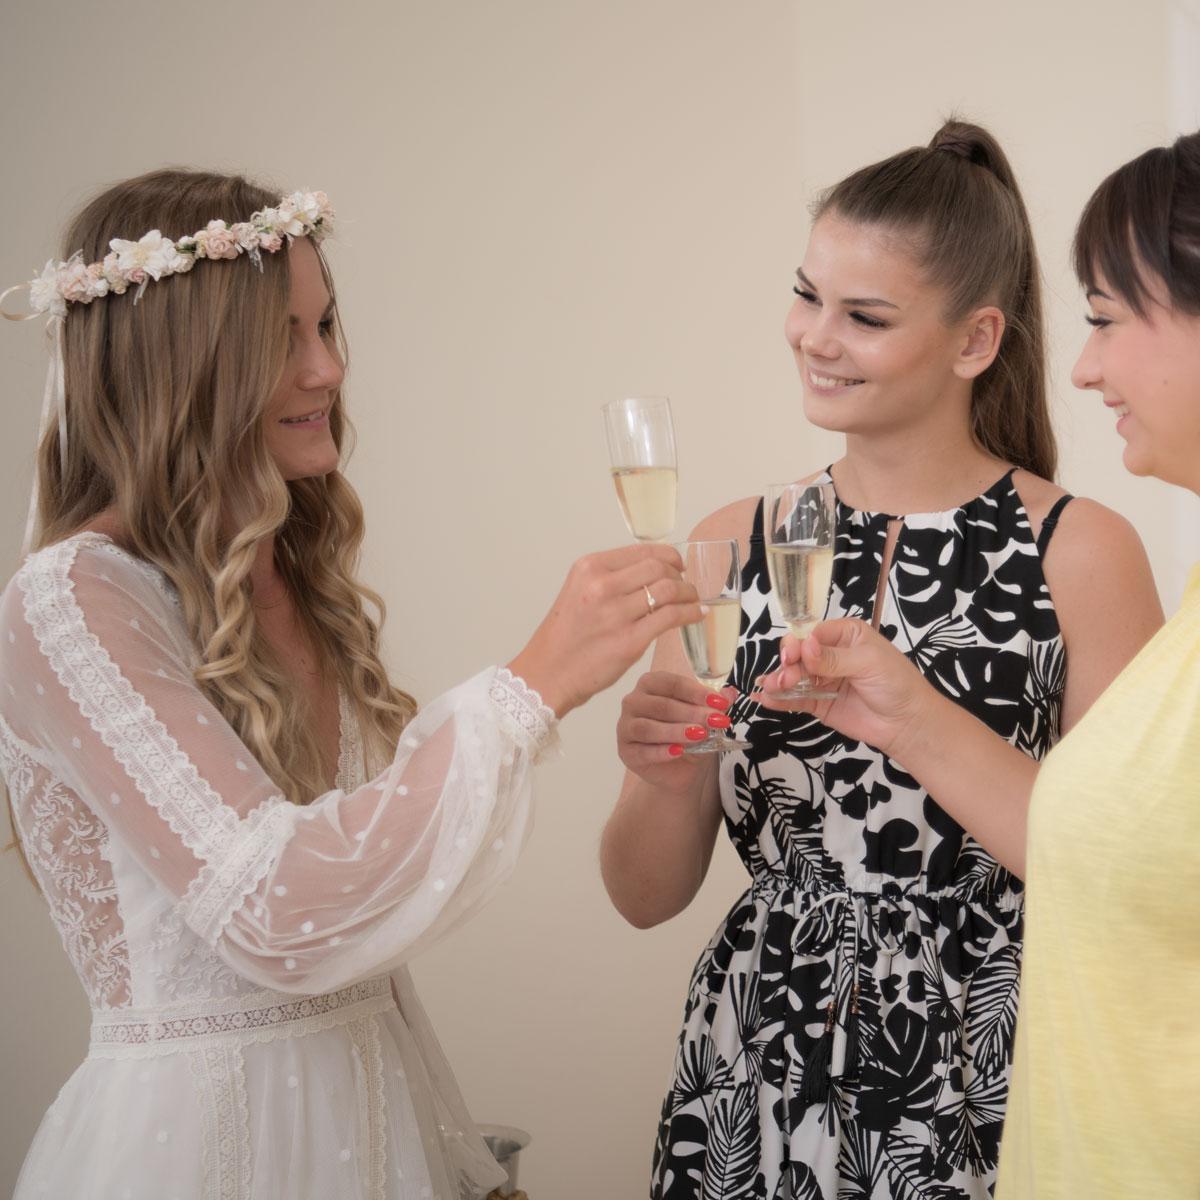 Braukleid Anprobe mit Brautjungfern